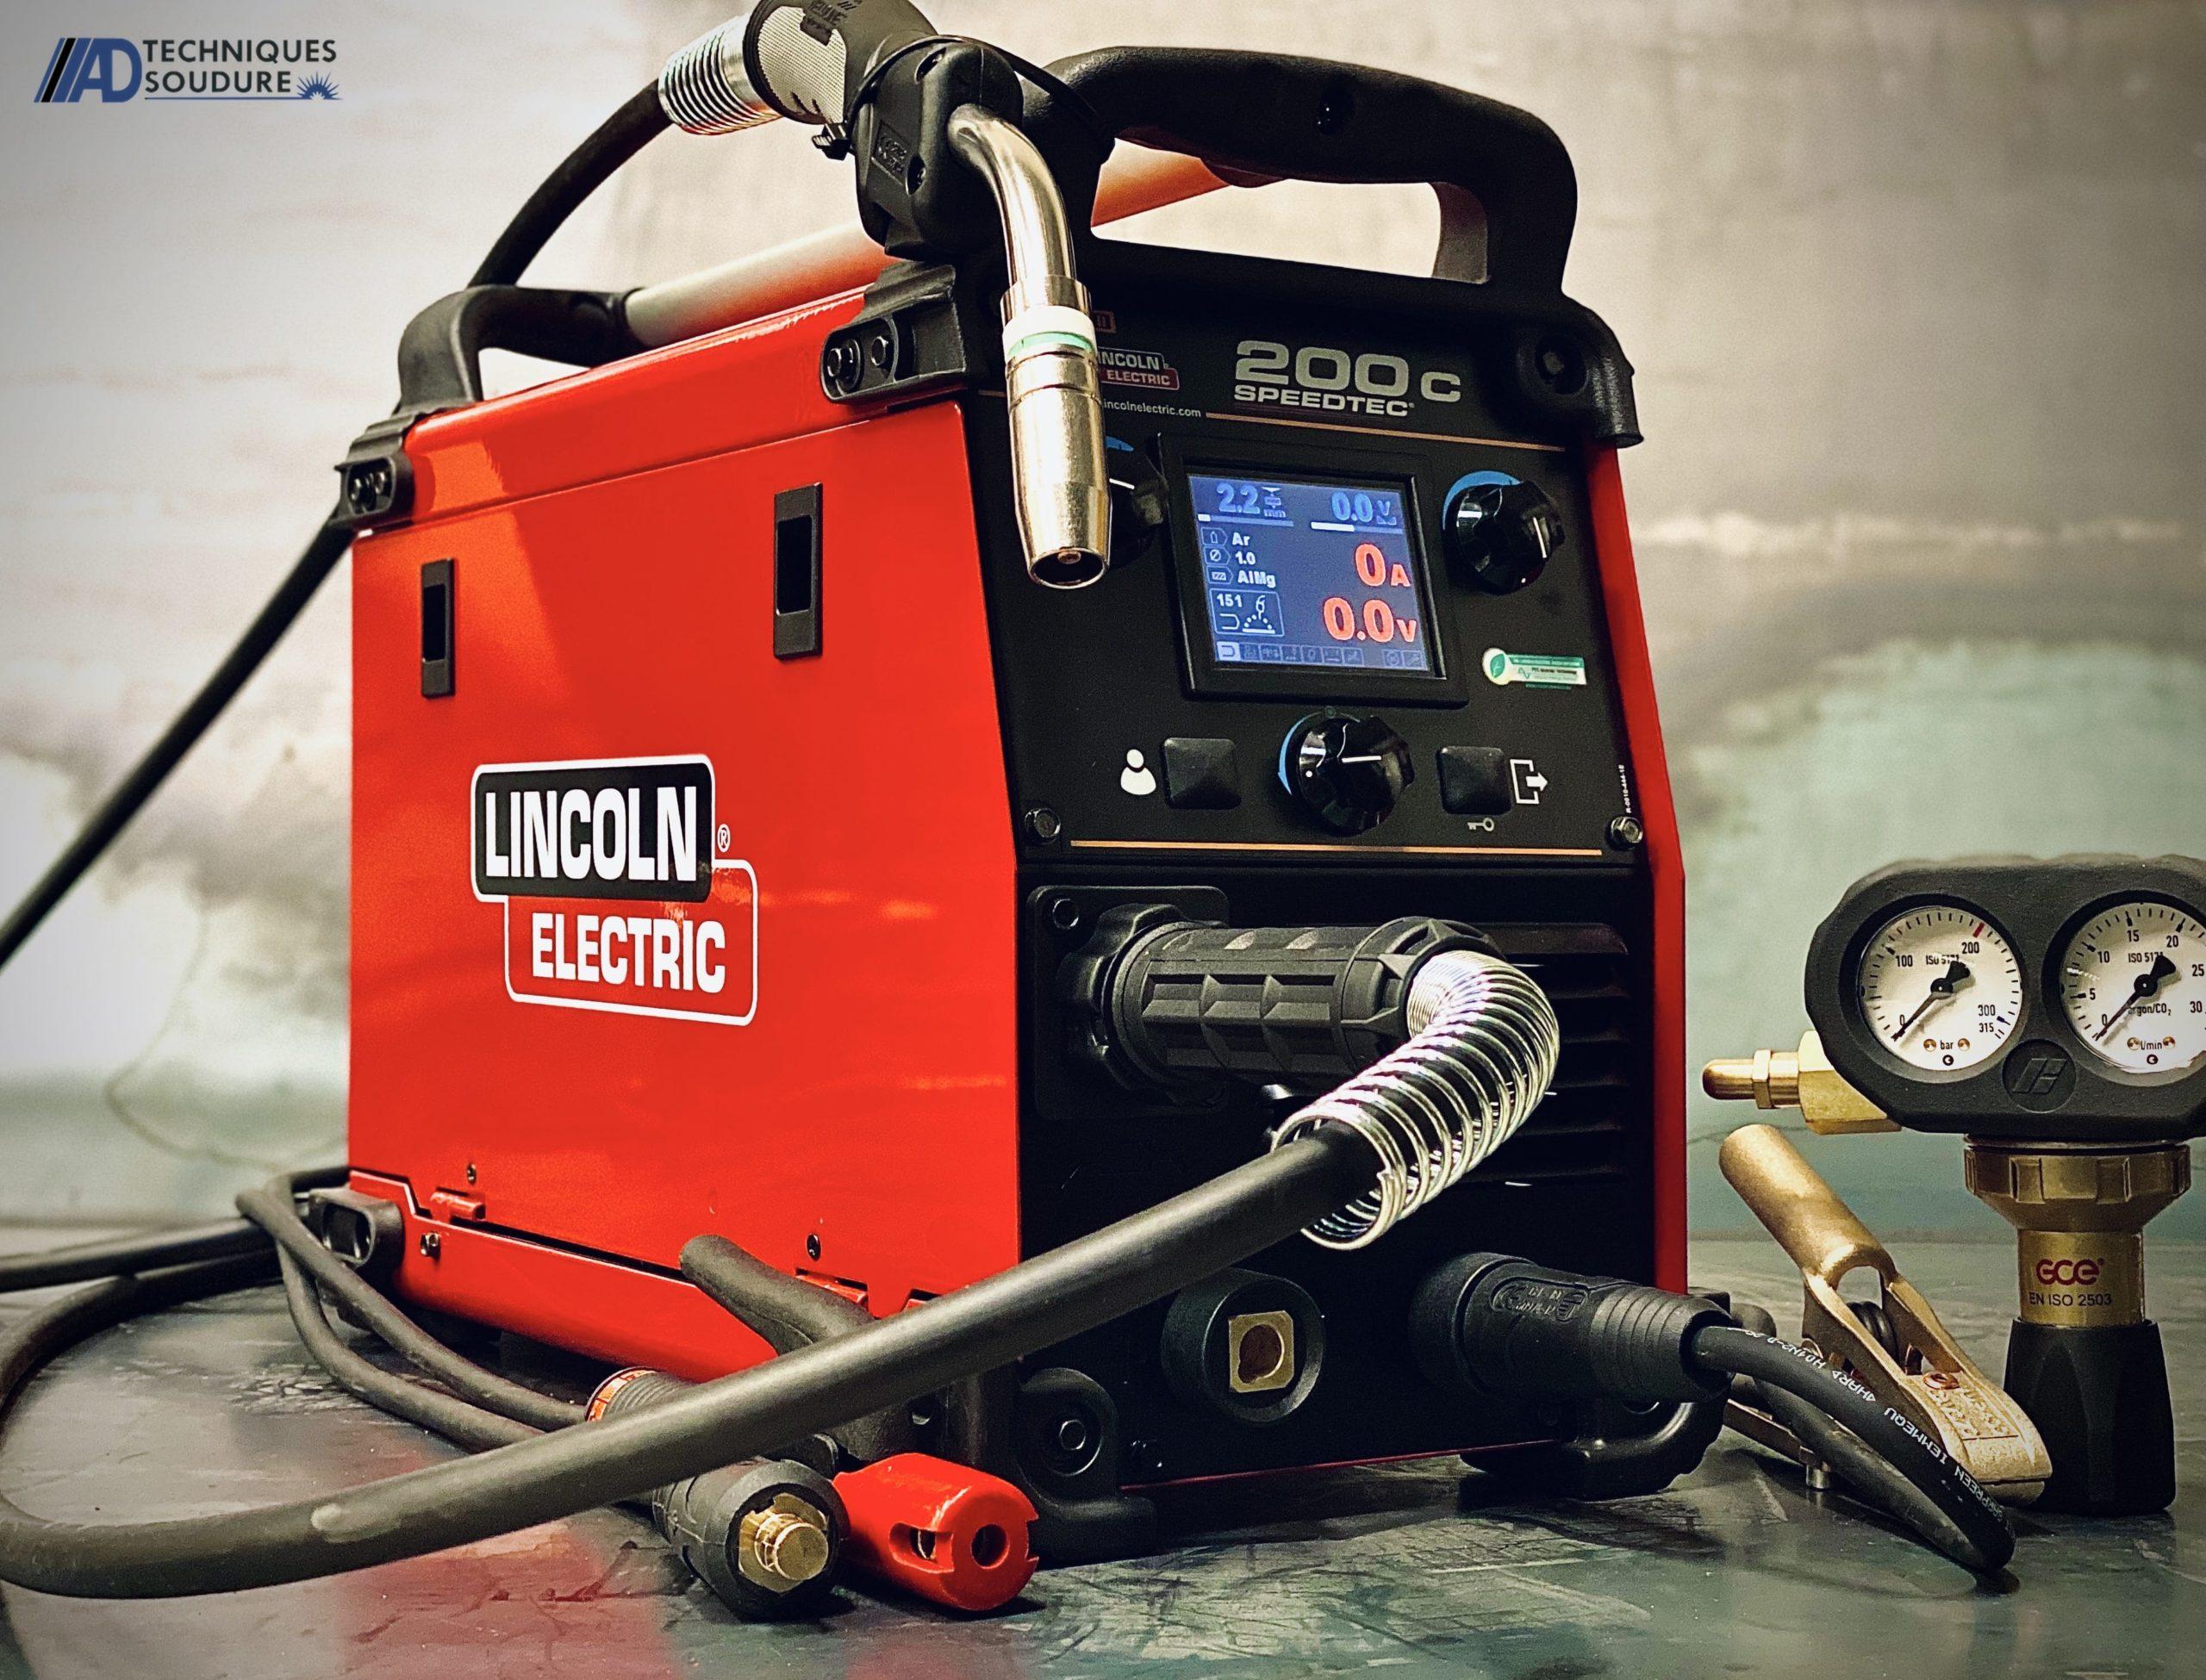 Poste à souder Speedtec MIG/MAG 200C Lincoln Electric monophasé